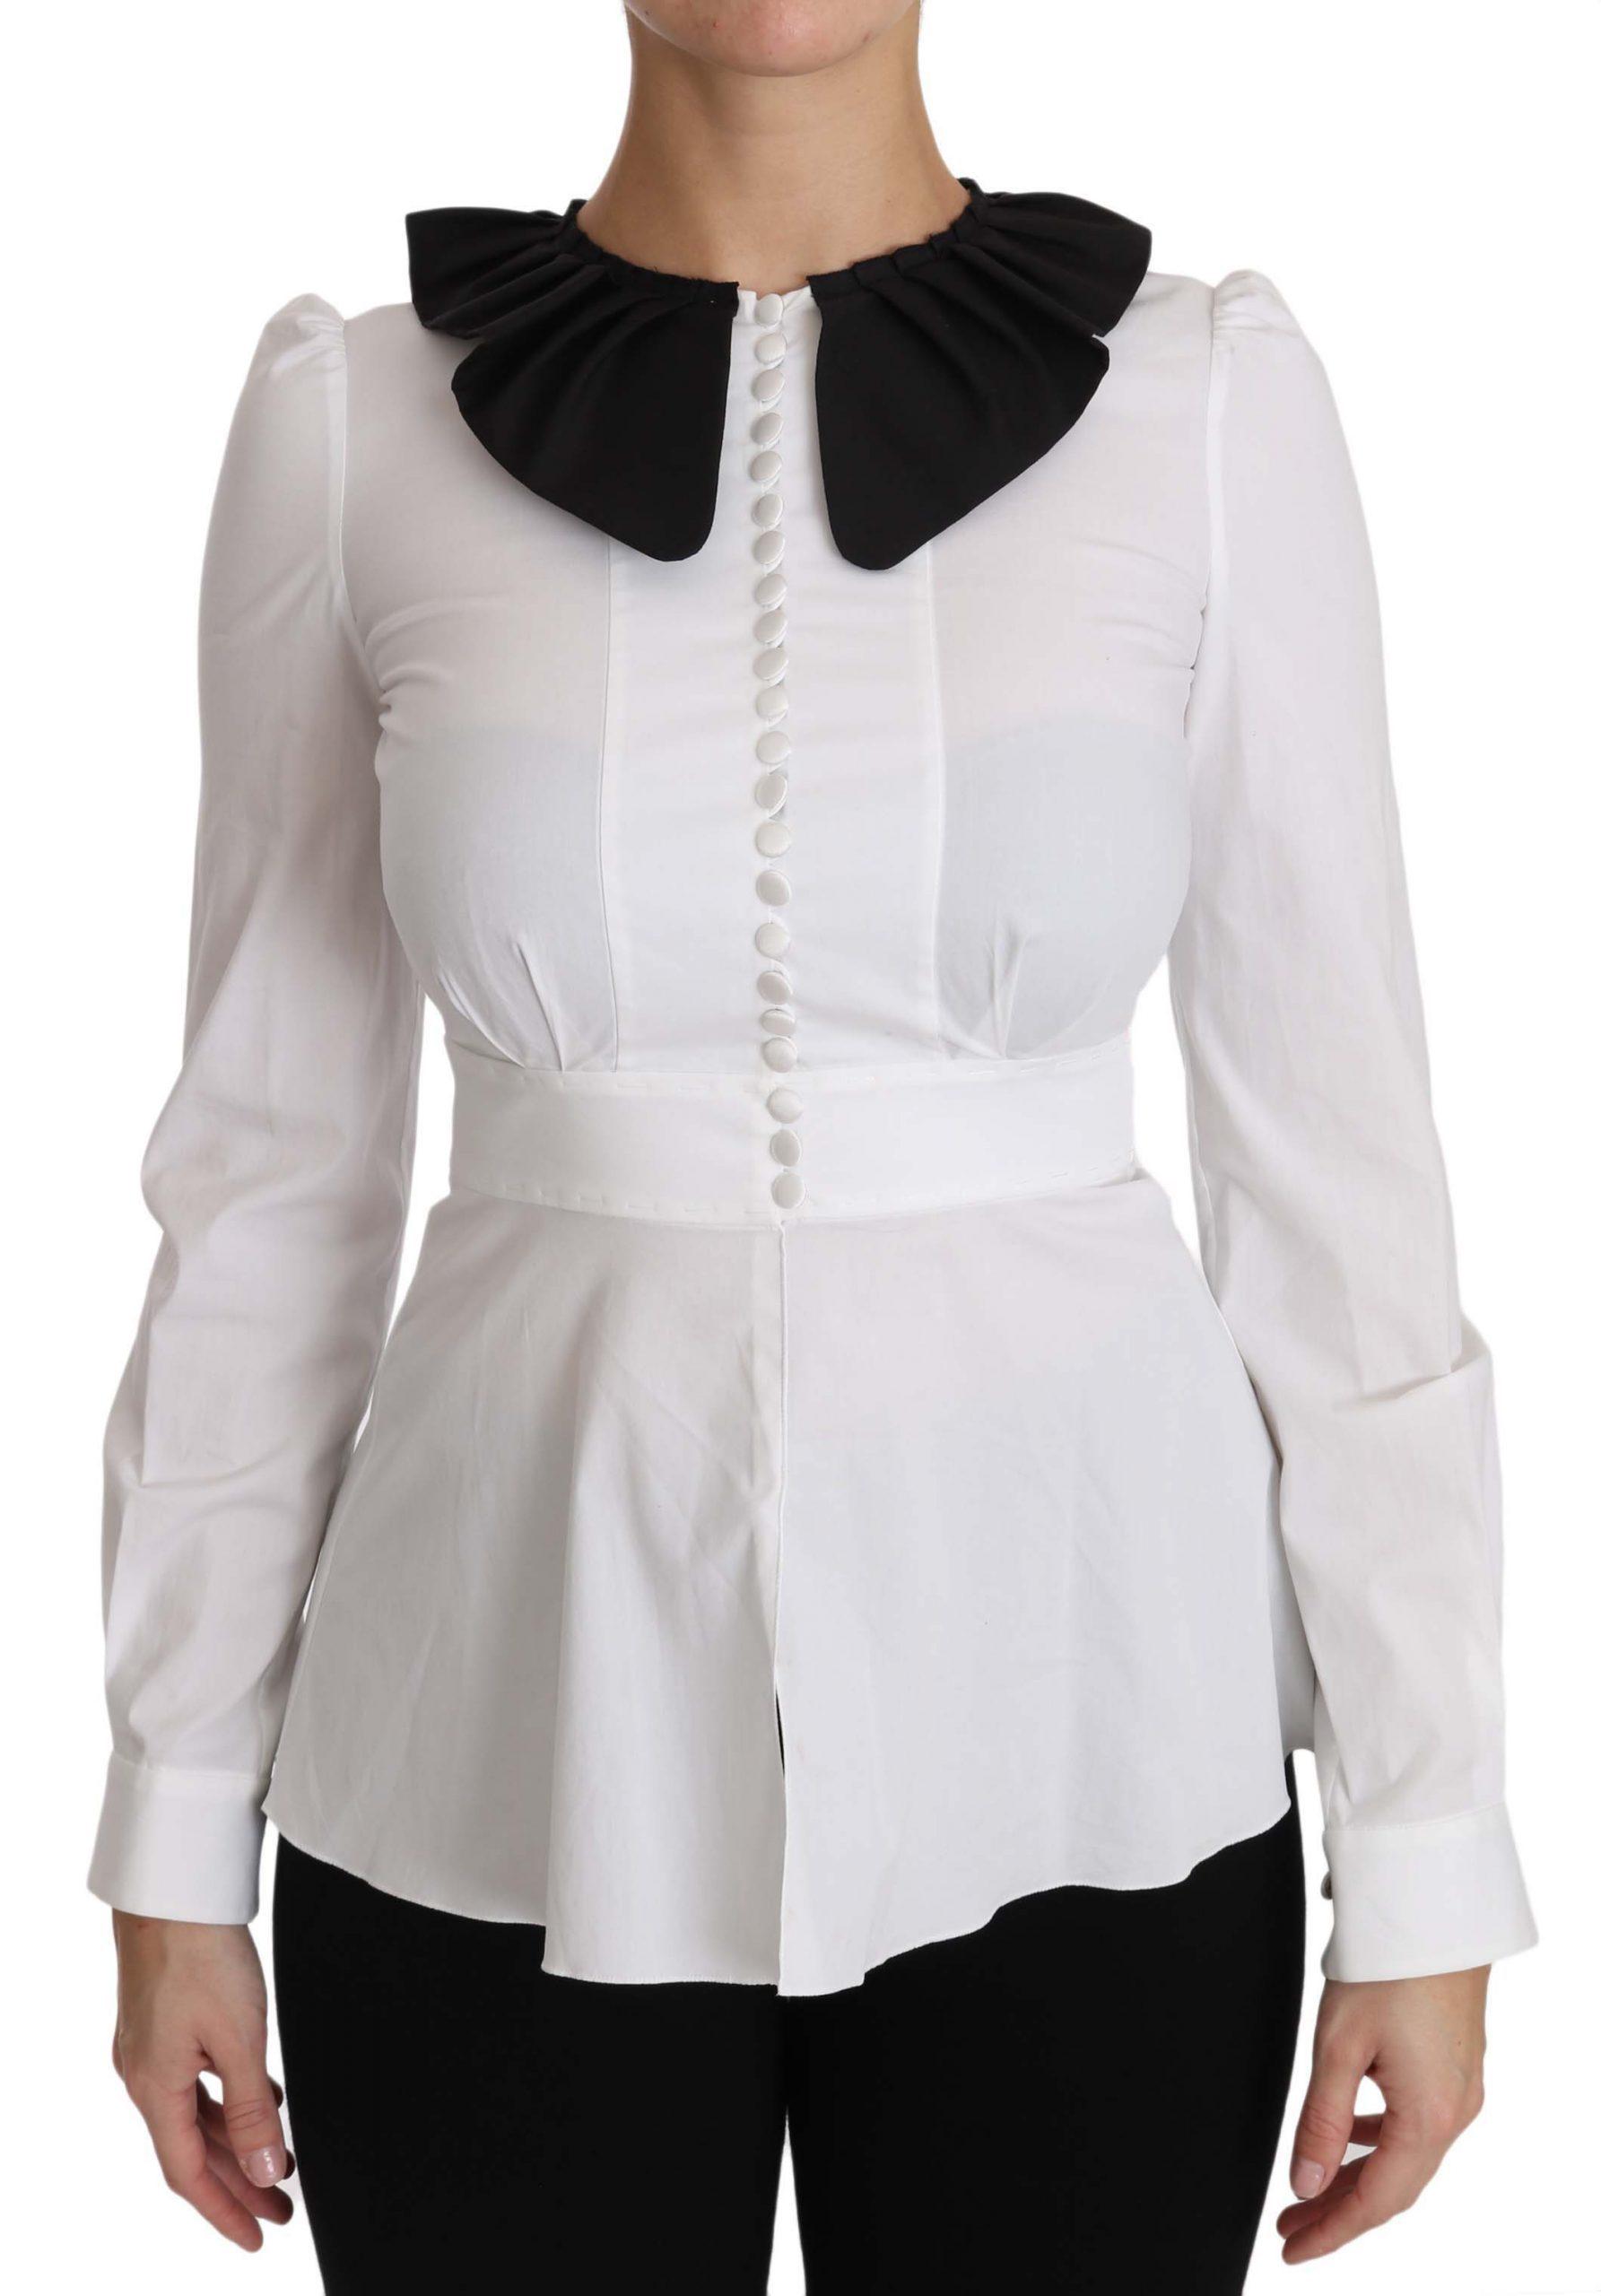 Dolce & Gabbana Women's Collar Longsleeve Tops White TSH2949 - IT36   XS